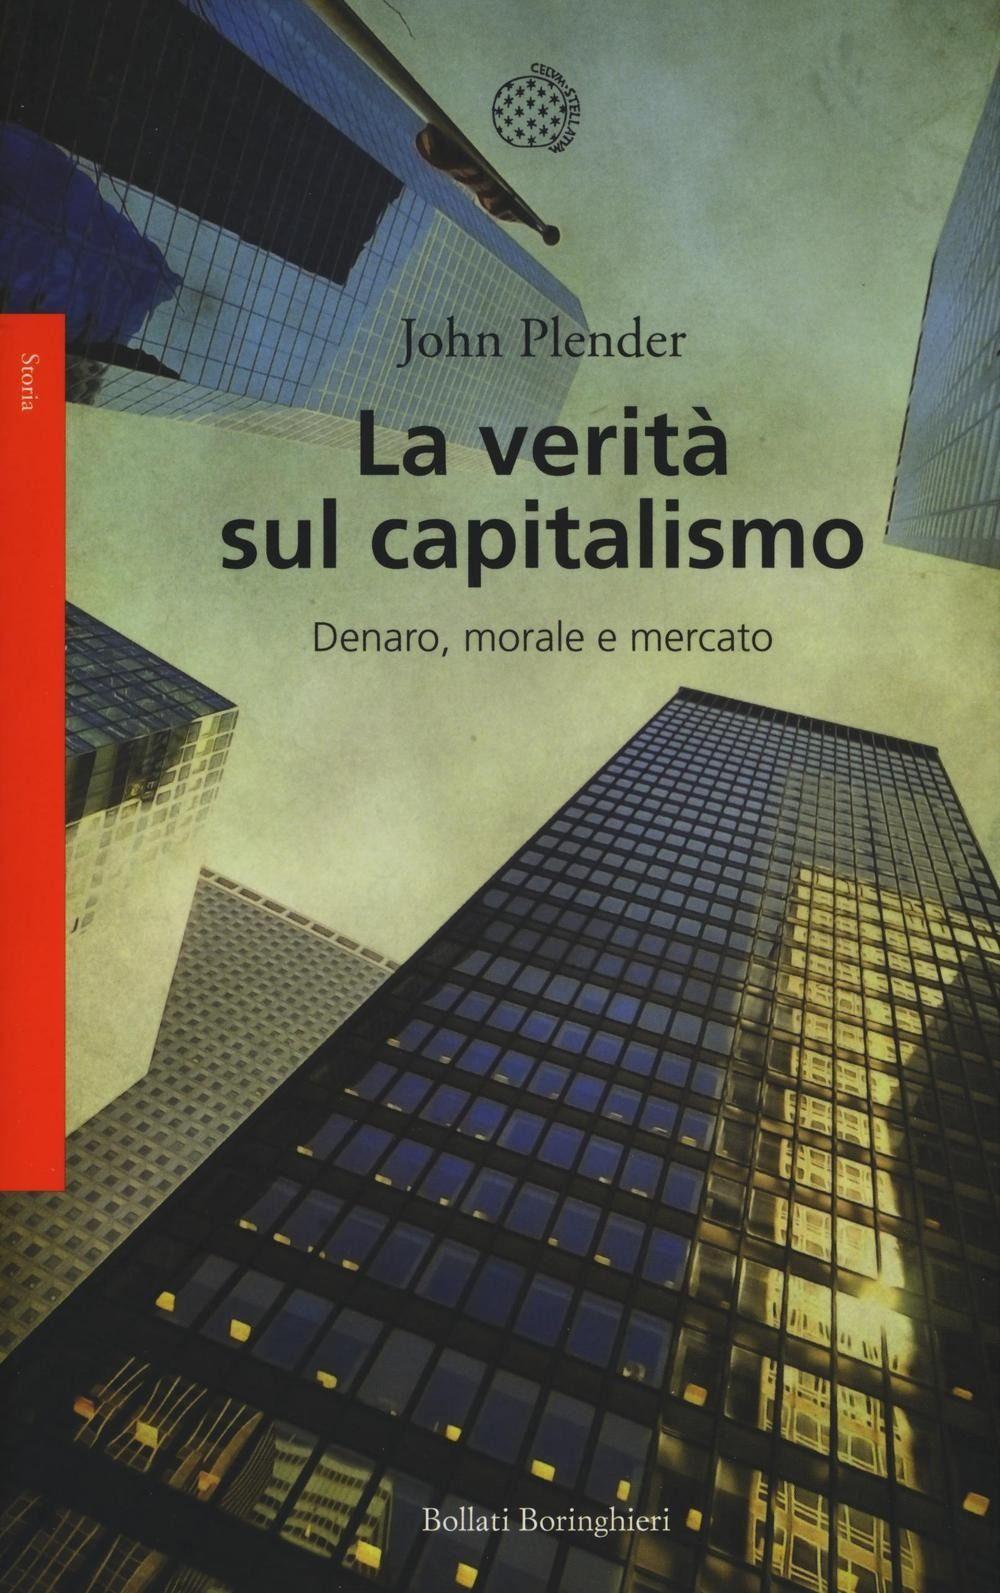 La verità sul capitalismo. Denaro, morale e mercato.